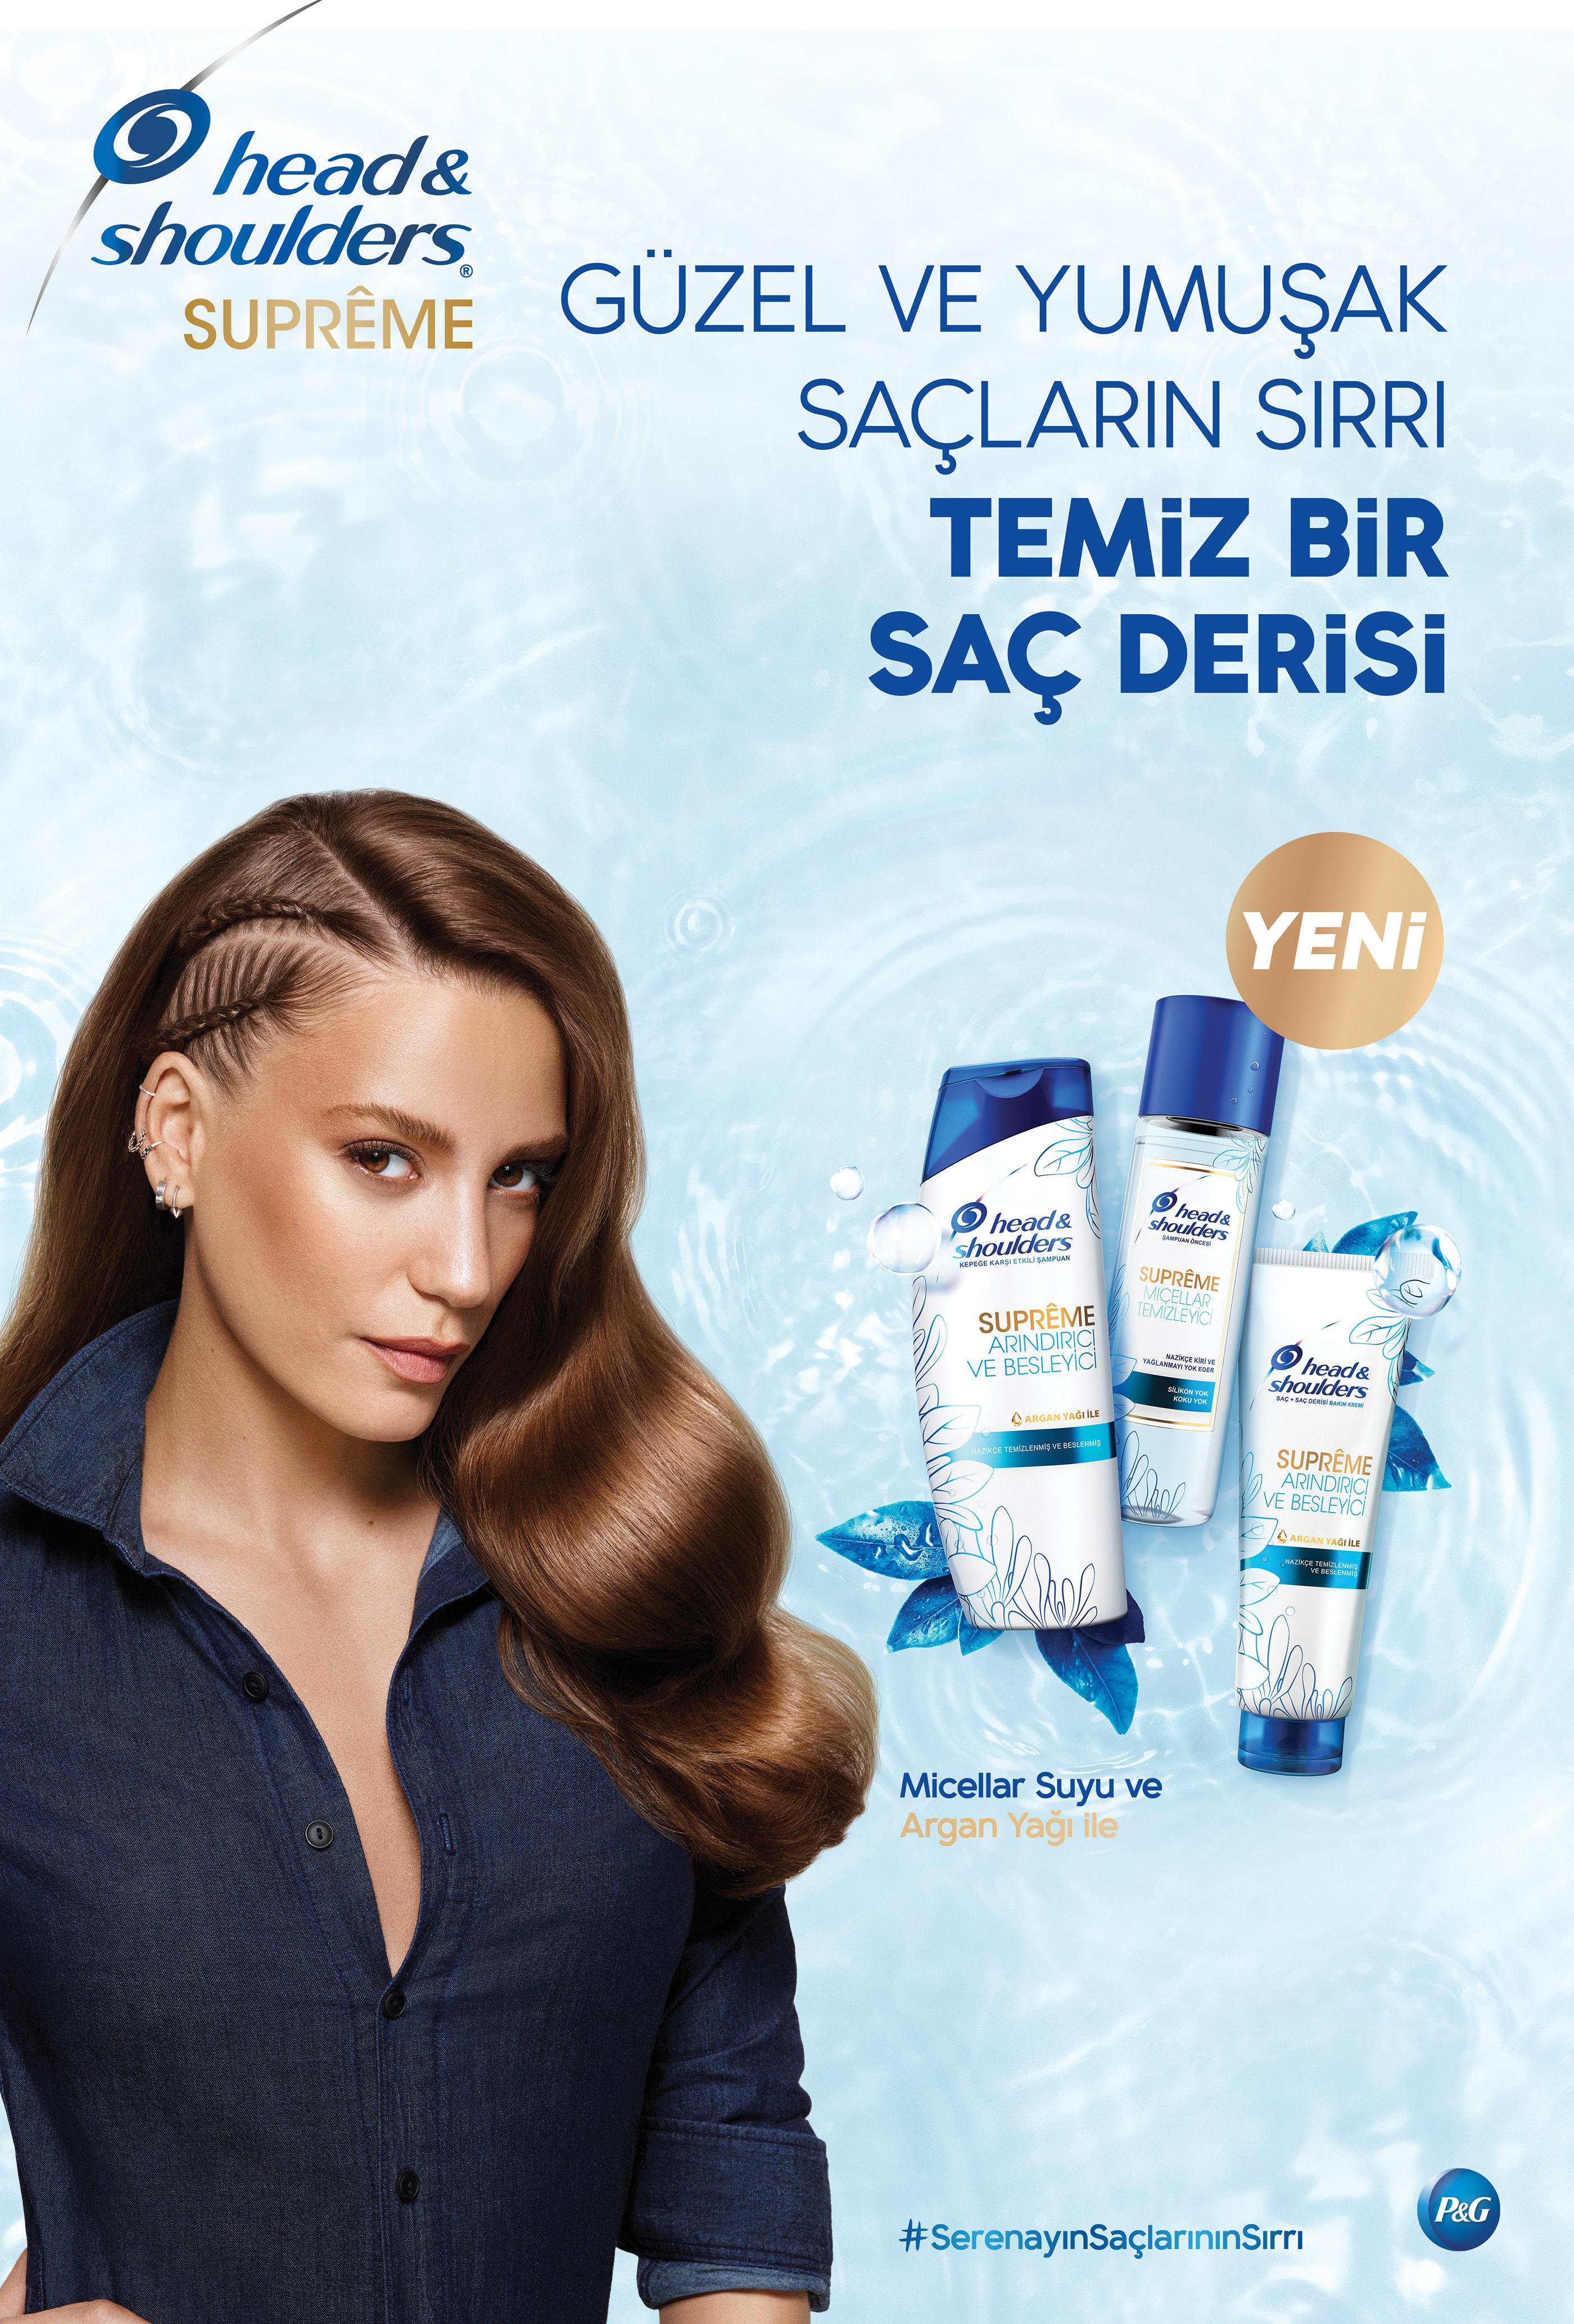 H S X Serenay Saçlarımınsırrı On Behance